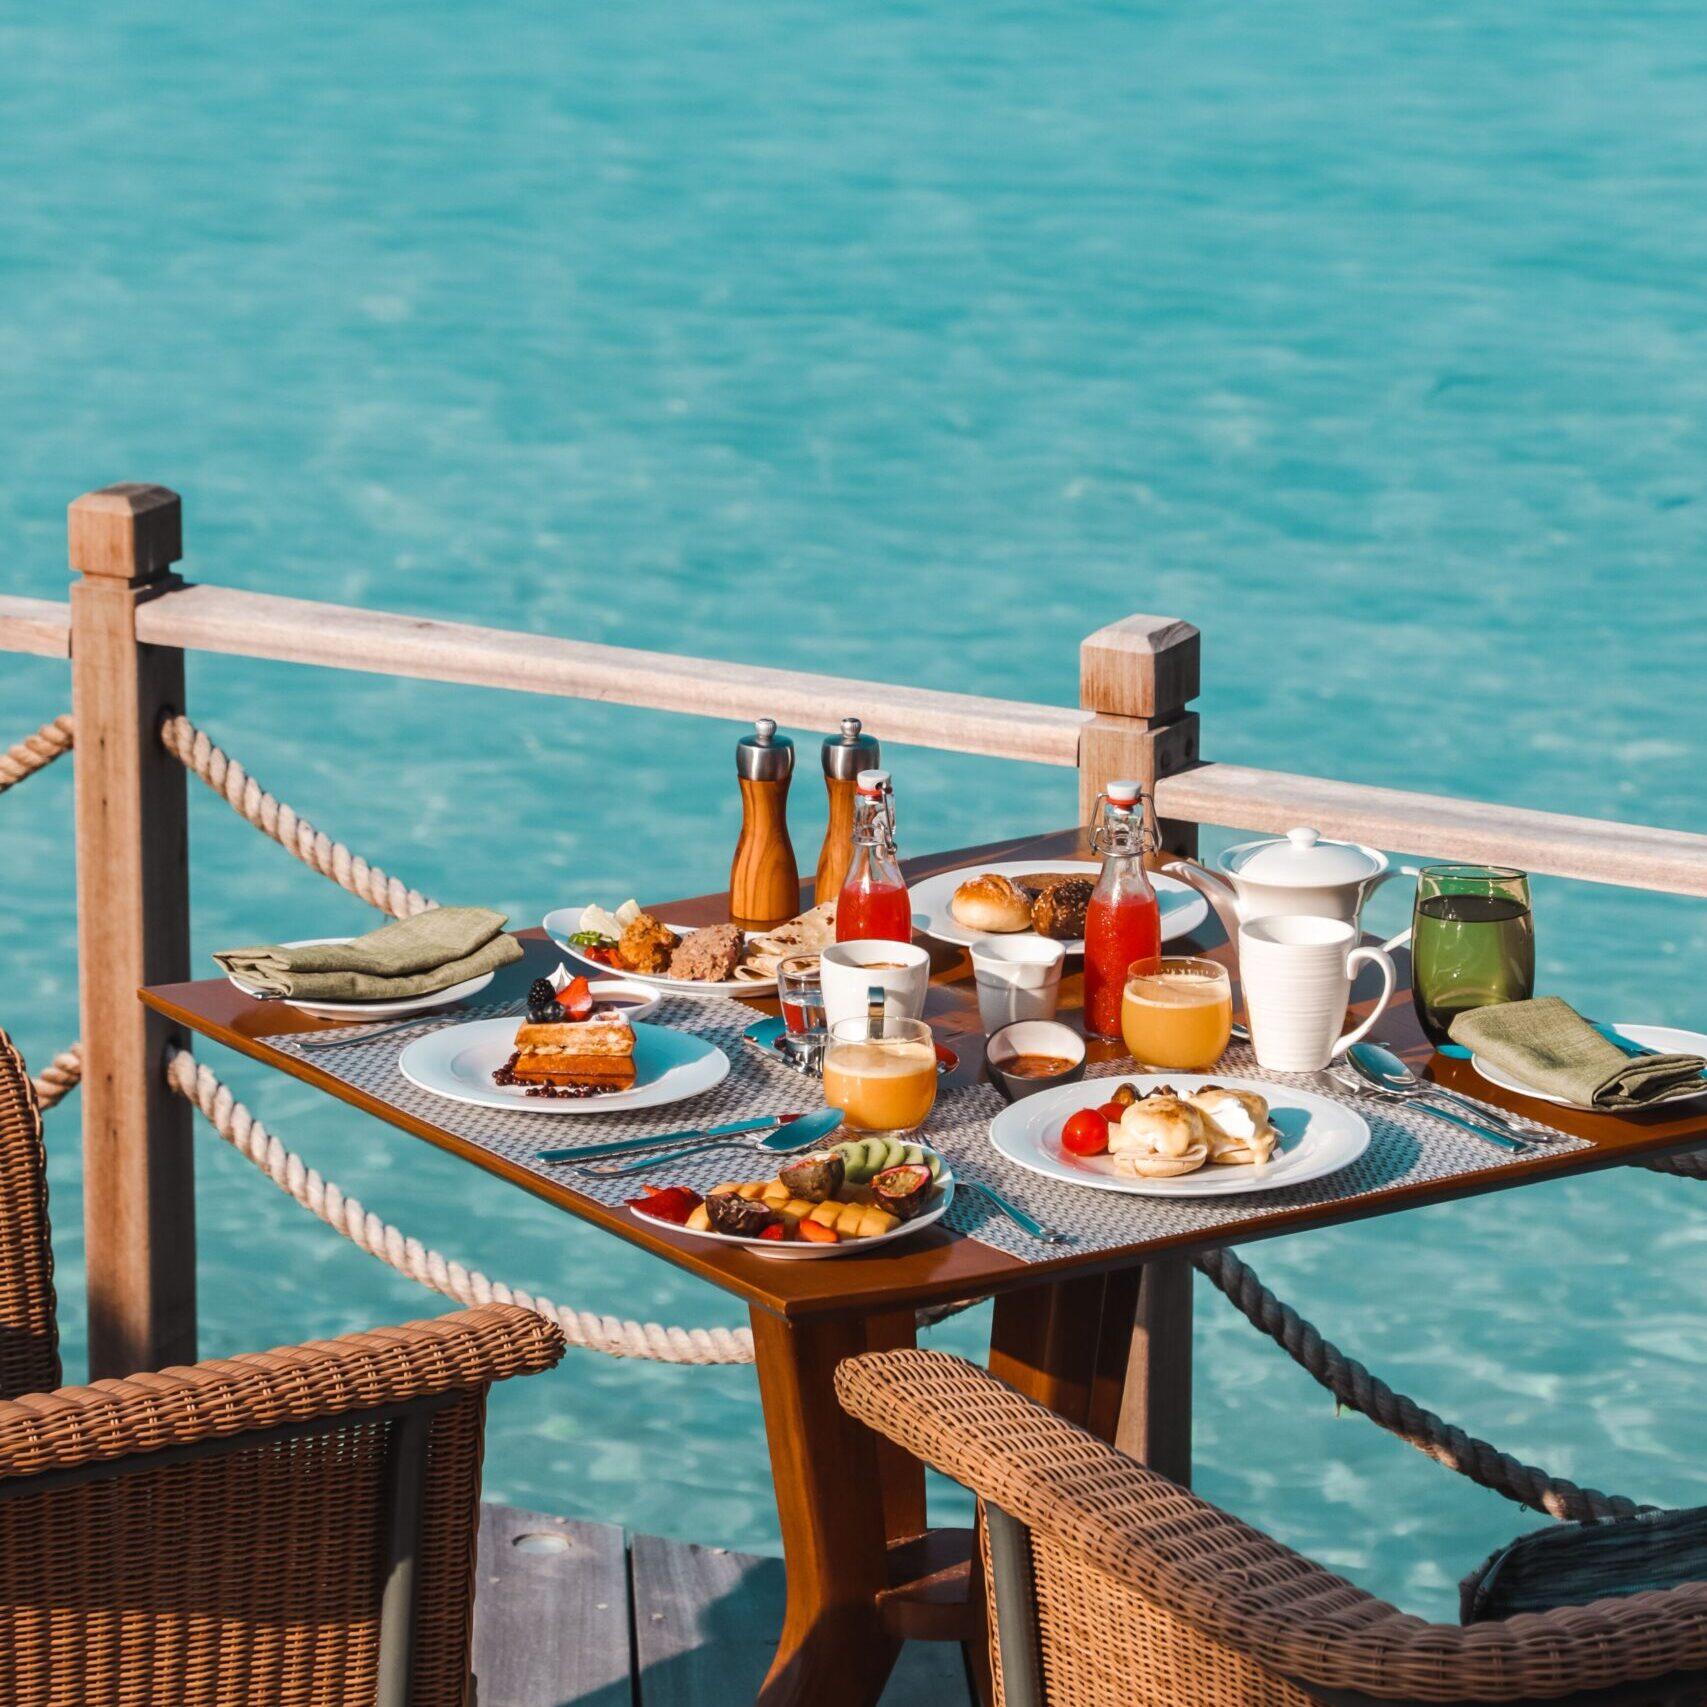 JW Marriott Maldives Frühstück Breakfast